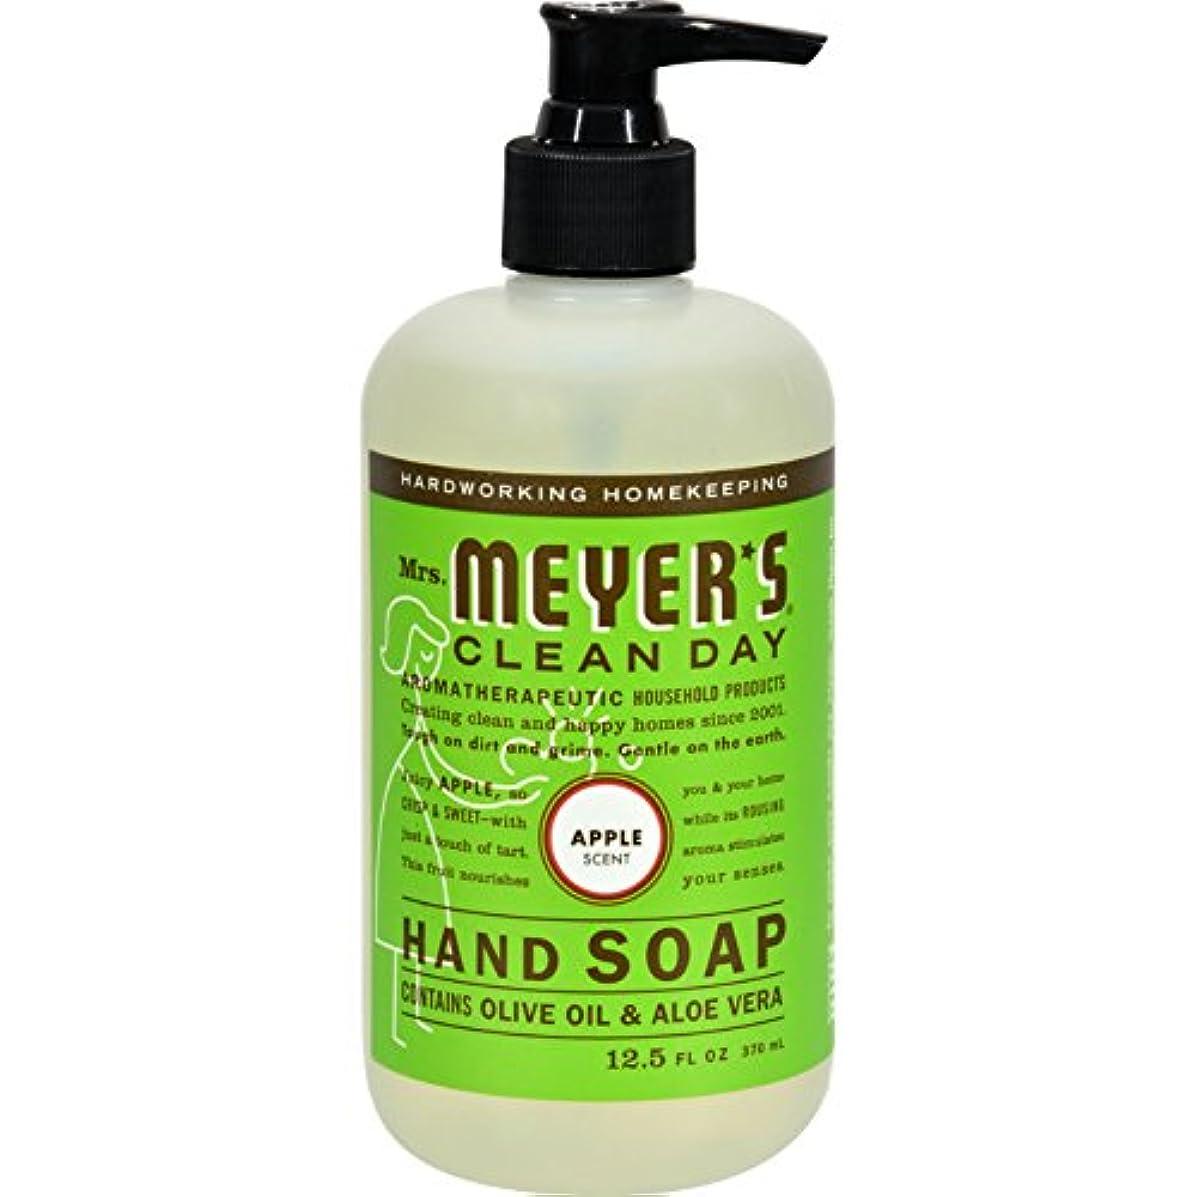 ボランティア社説選ぶLiquid Hand Soap - Apple - Case of 6 - 12.5 oz by Mrs. Meyer's